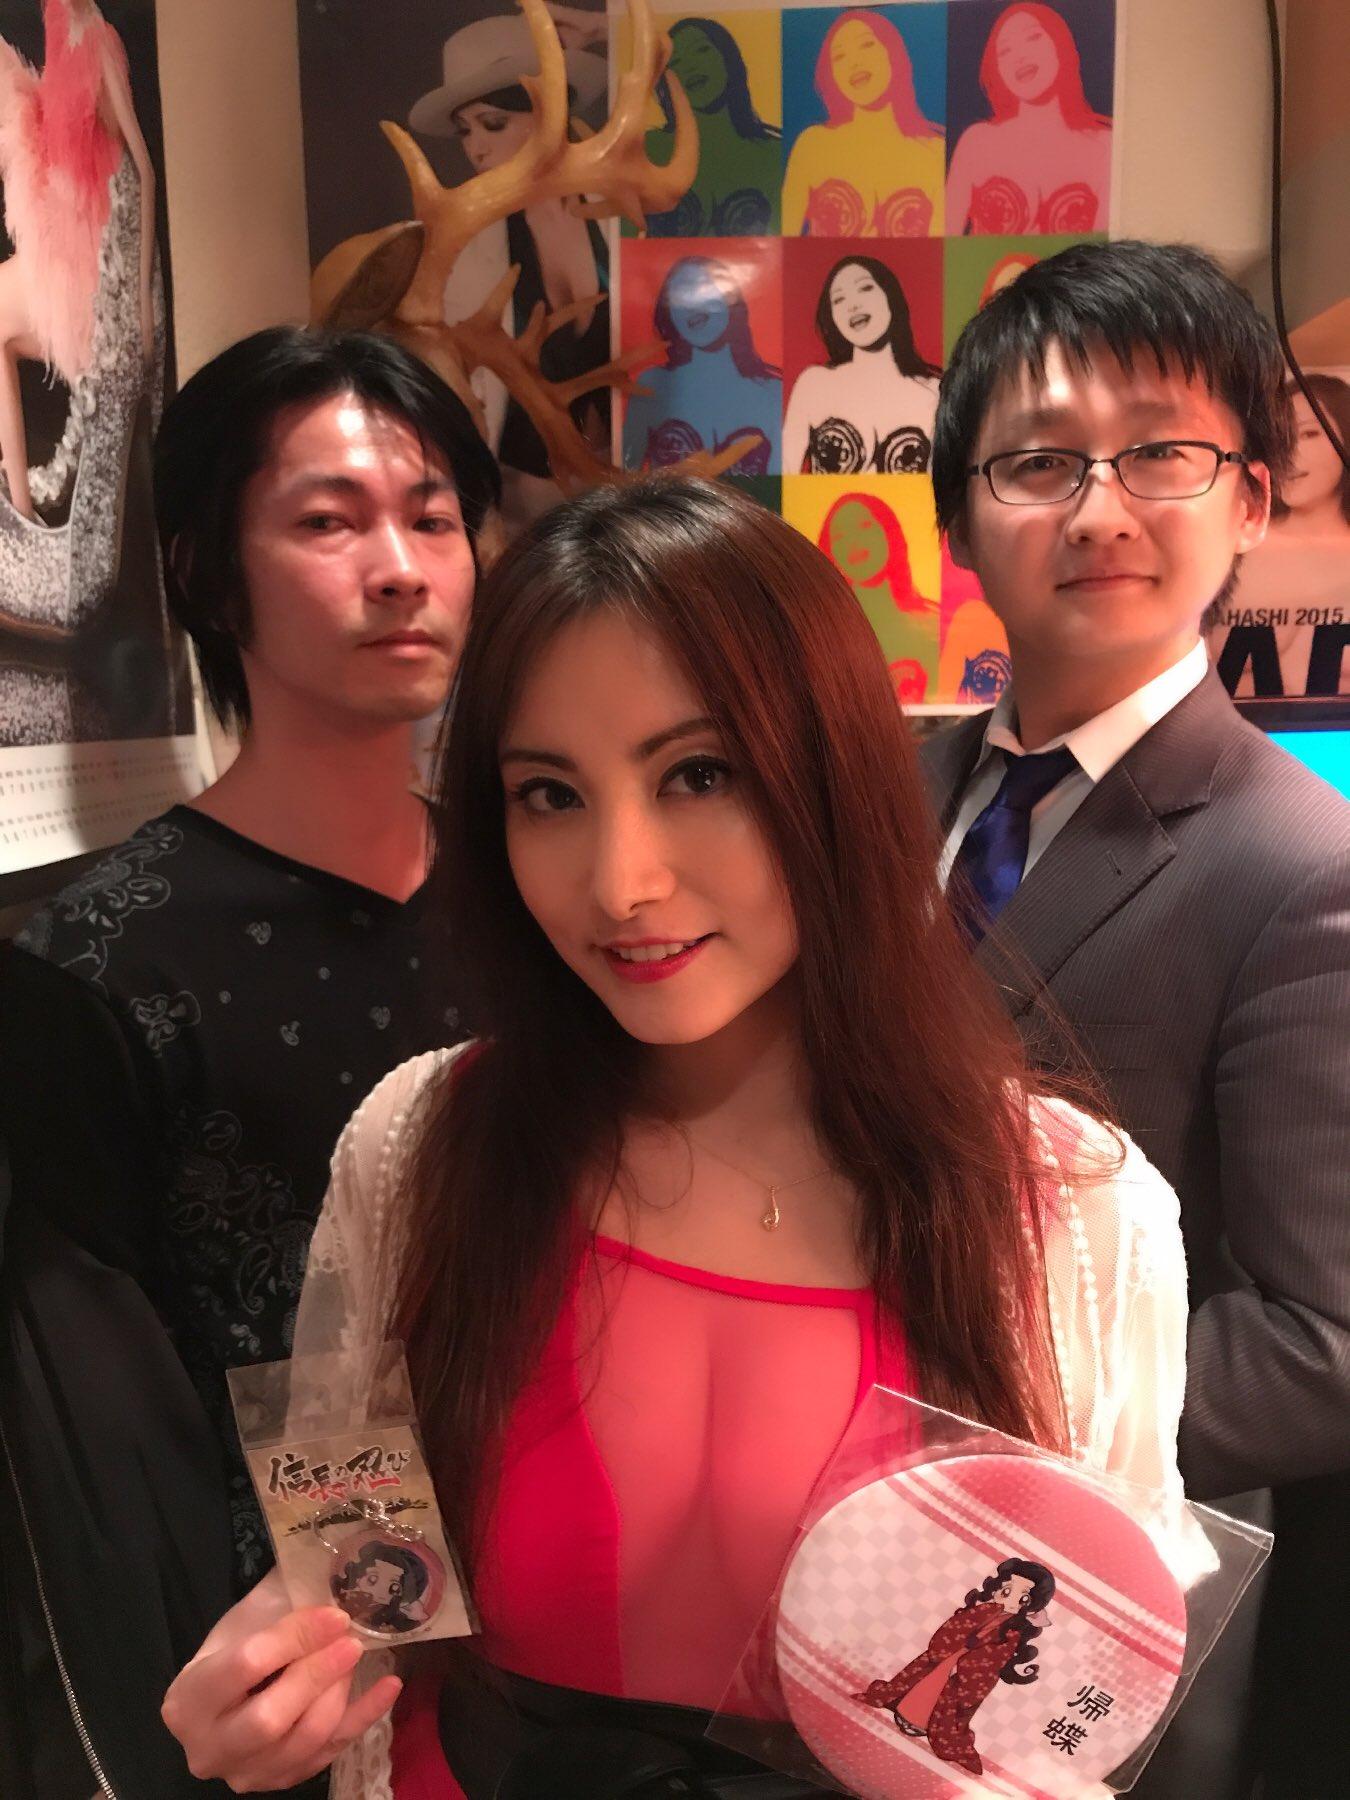 성우 다카하시 치아키씨의 트위터에 올라온 사진, ..